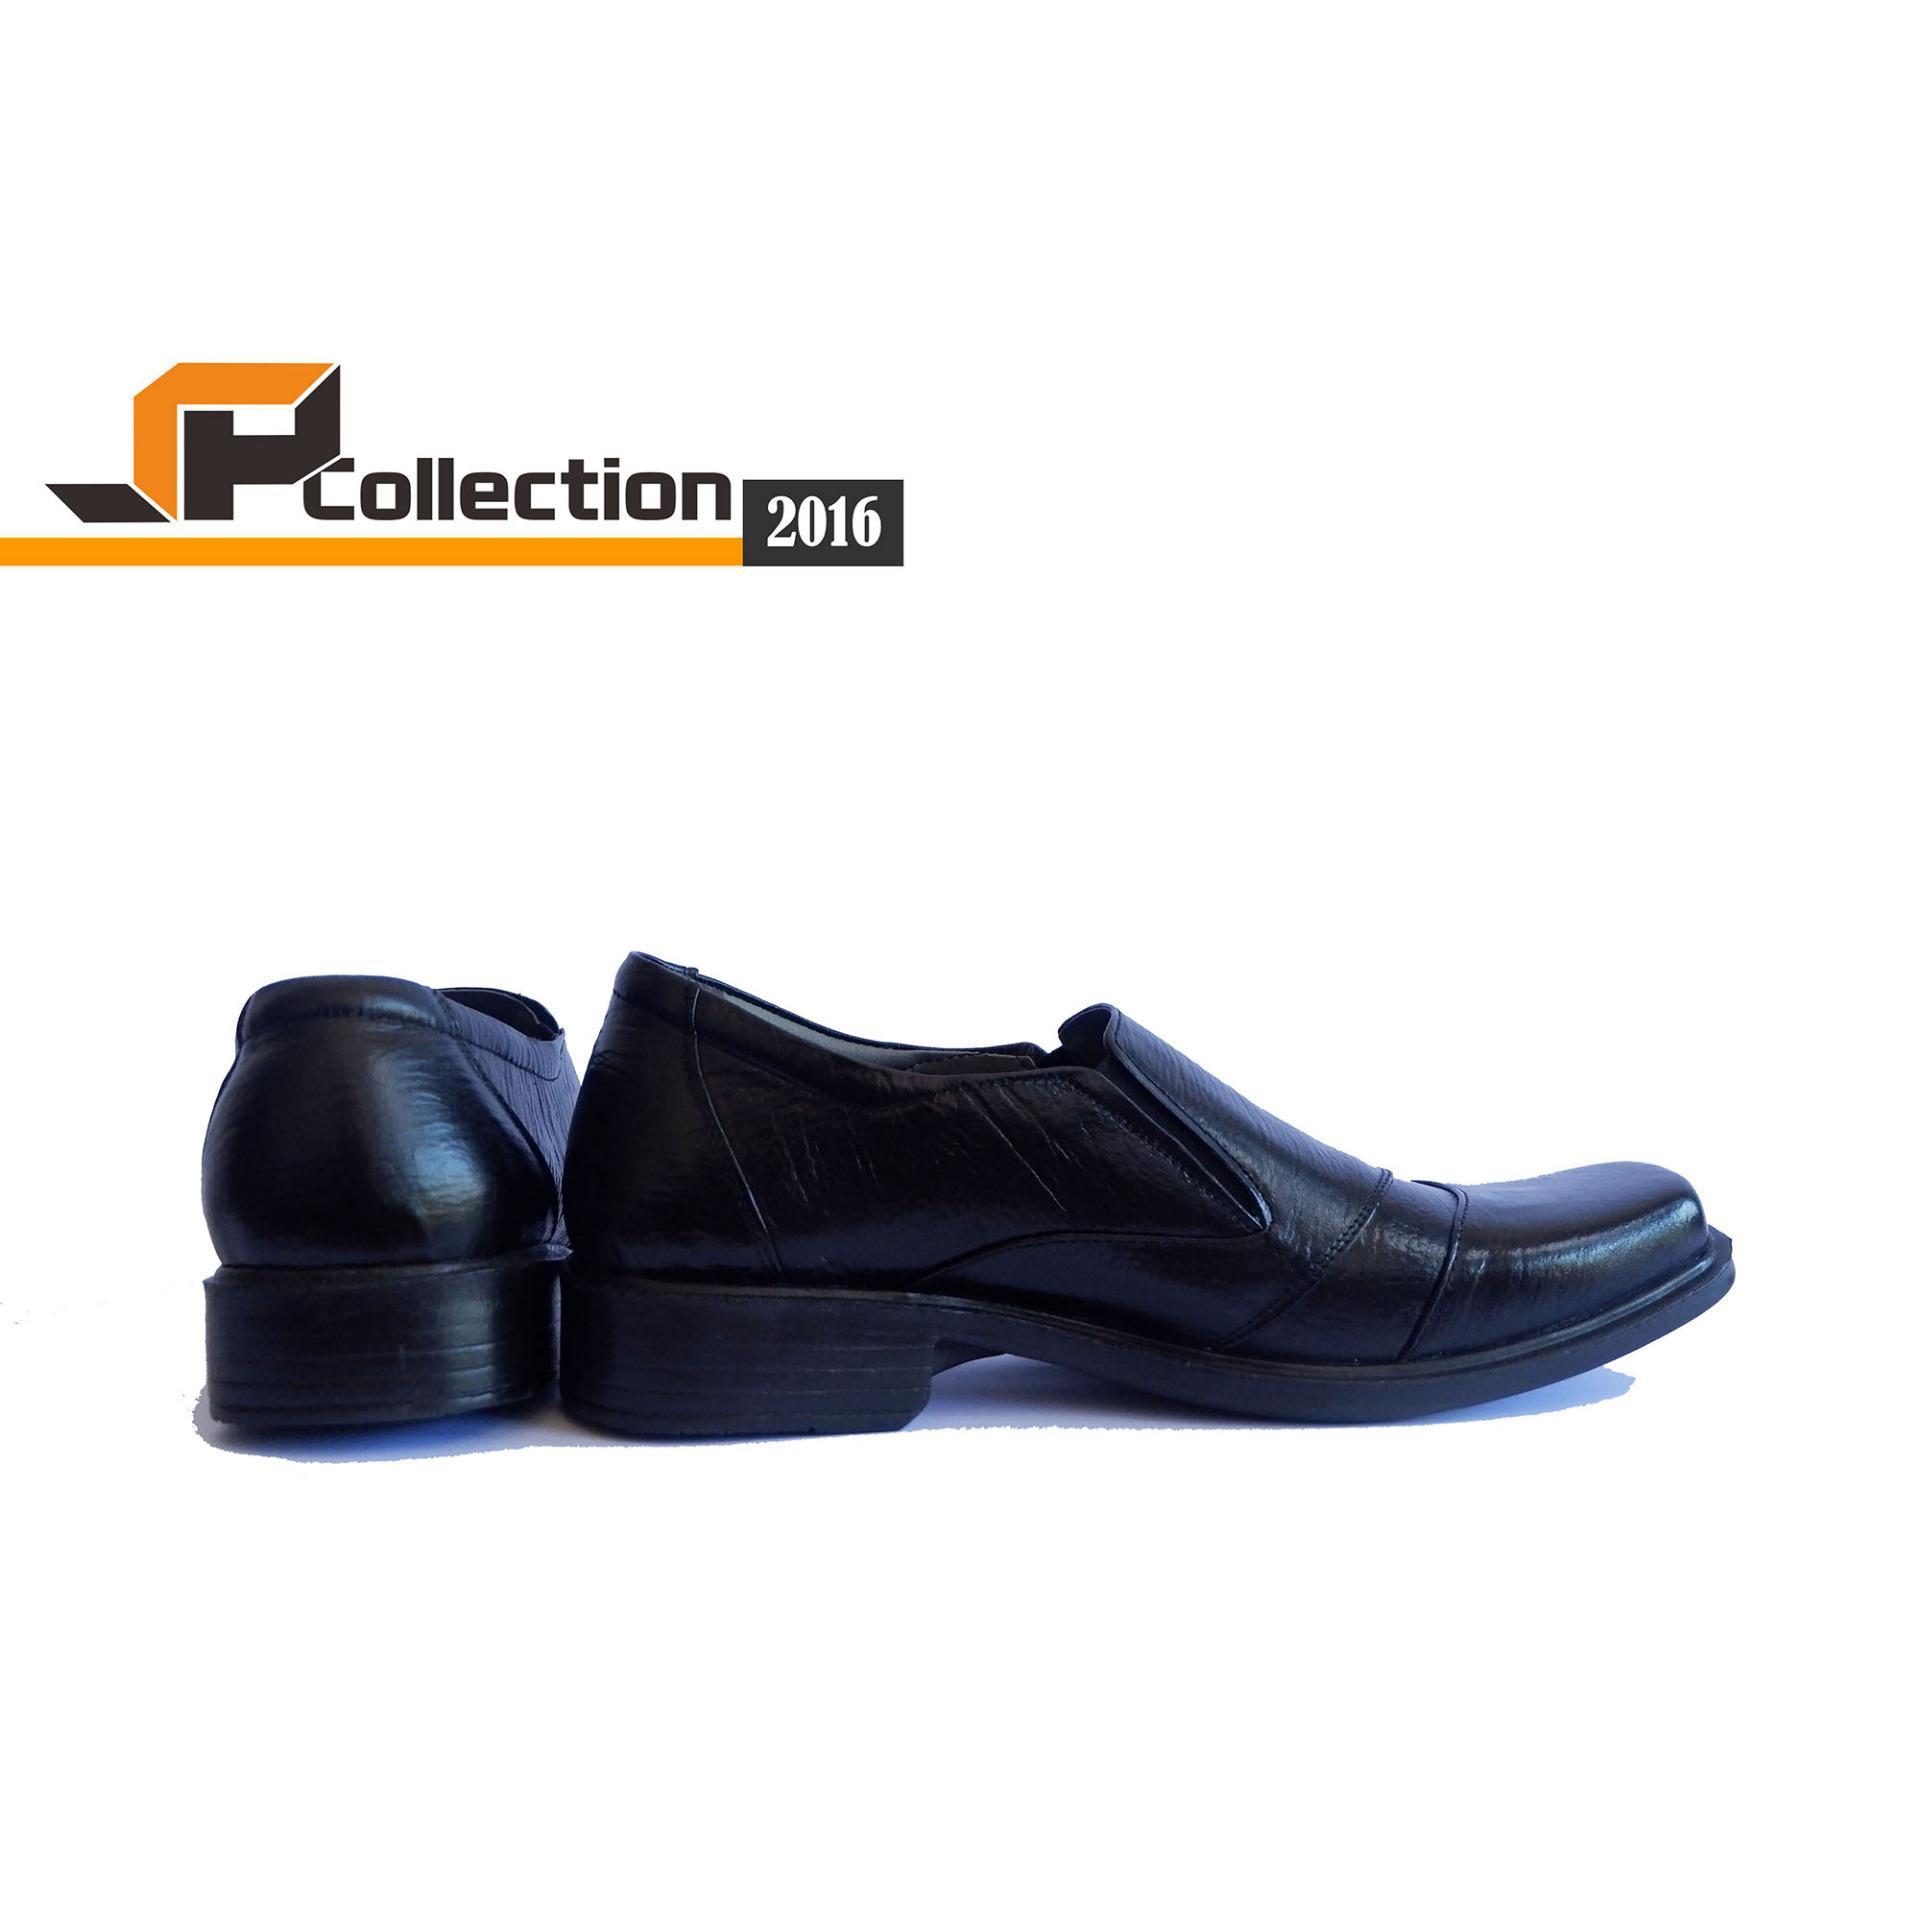 SPATOO Sepatu Formal 2016 Warna Hitam Bahan Kulit Sapi Asli Cocok Dipakai Dalam Segala Kegiatan Formal maupun Non Formal